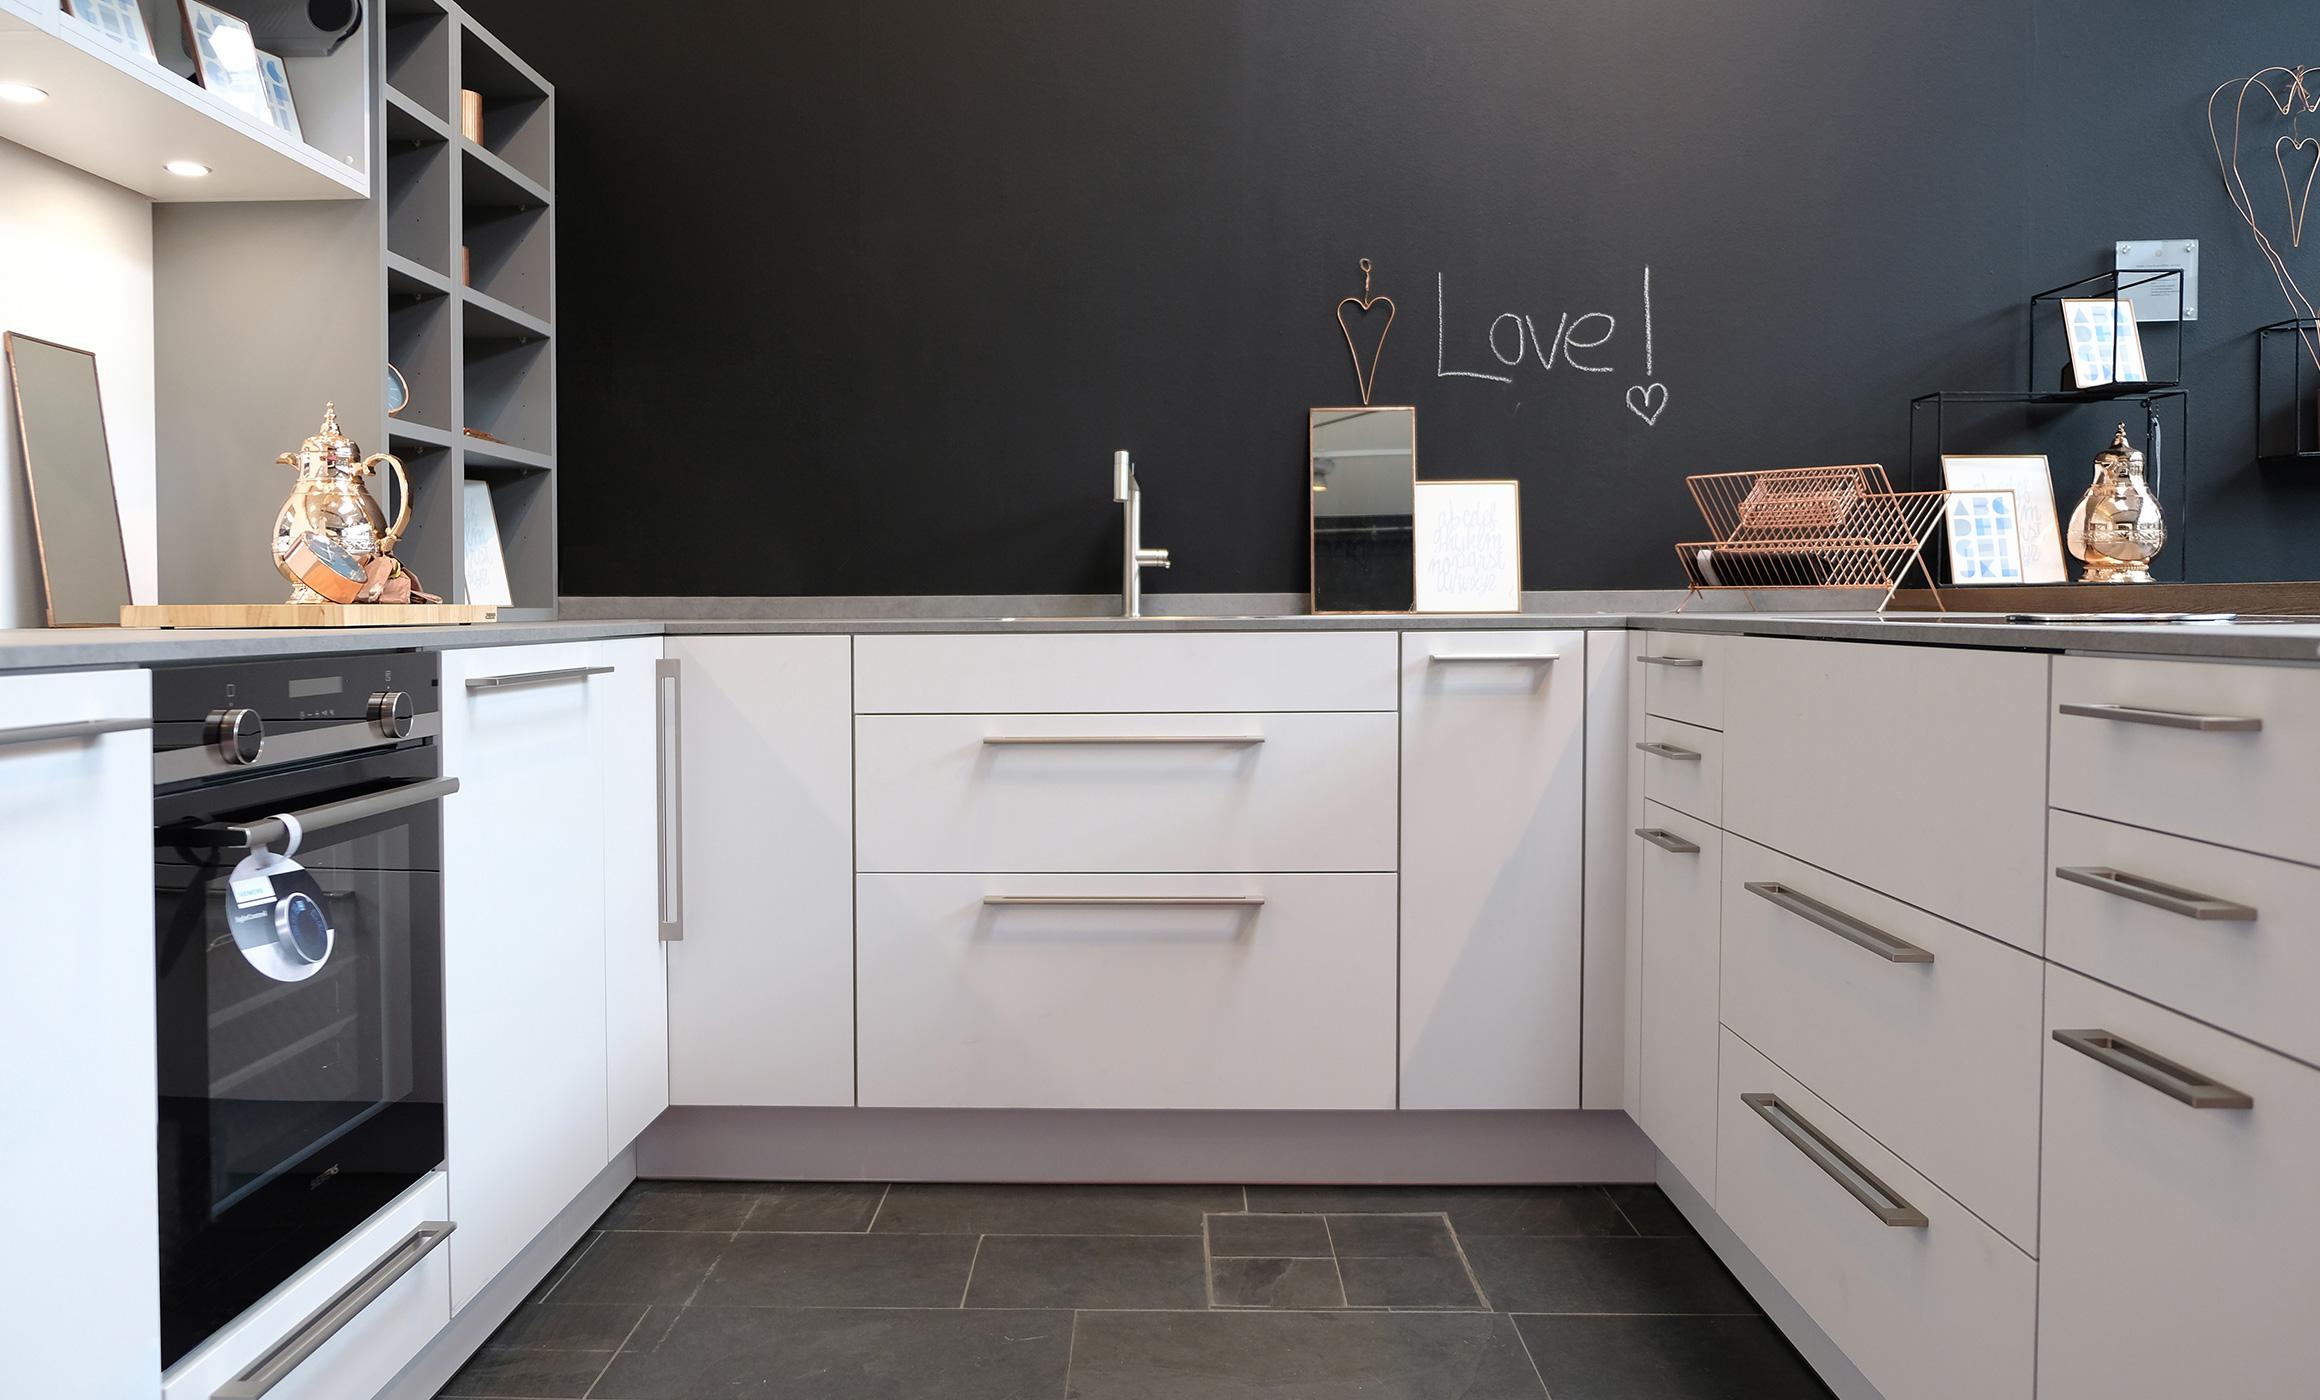 Ausstellungsküchen, Musterküchen günstig kaufen - Hummel Küchenwerk